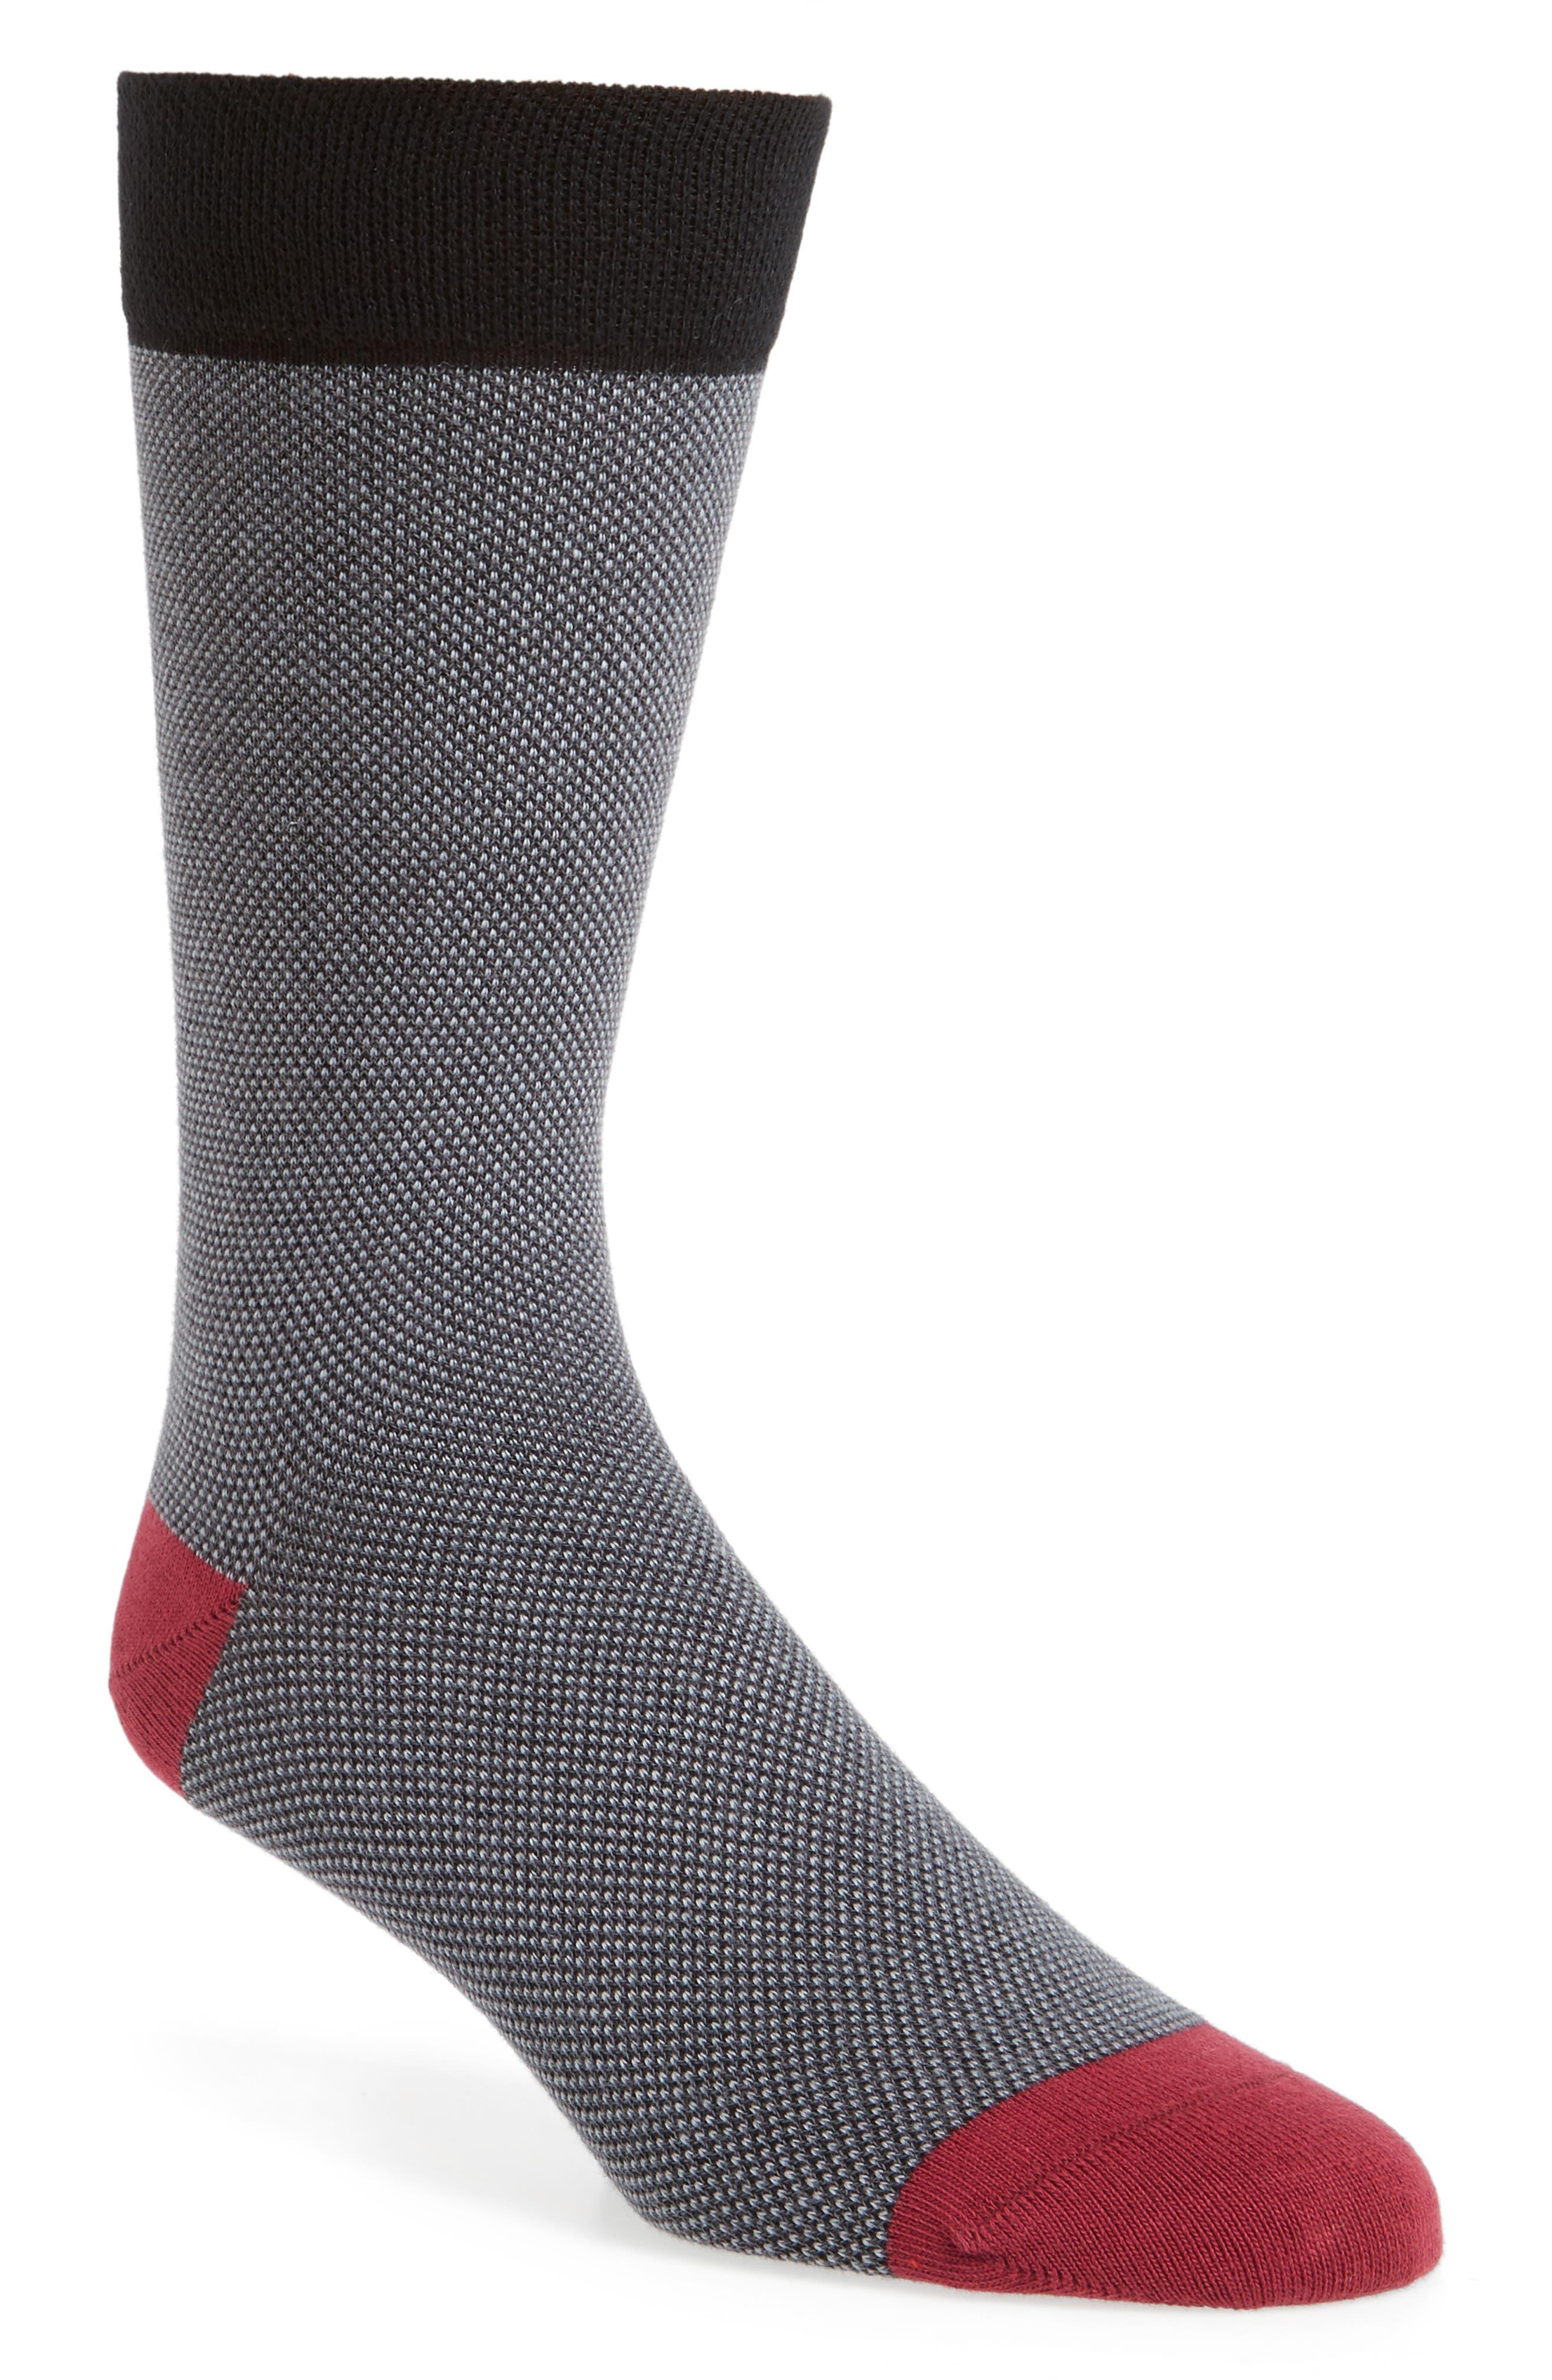 Joaquim Solid Socks,                             Main thumbnail 2, color,